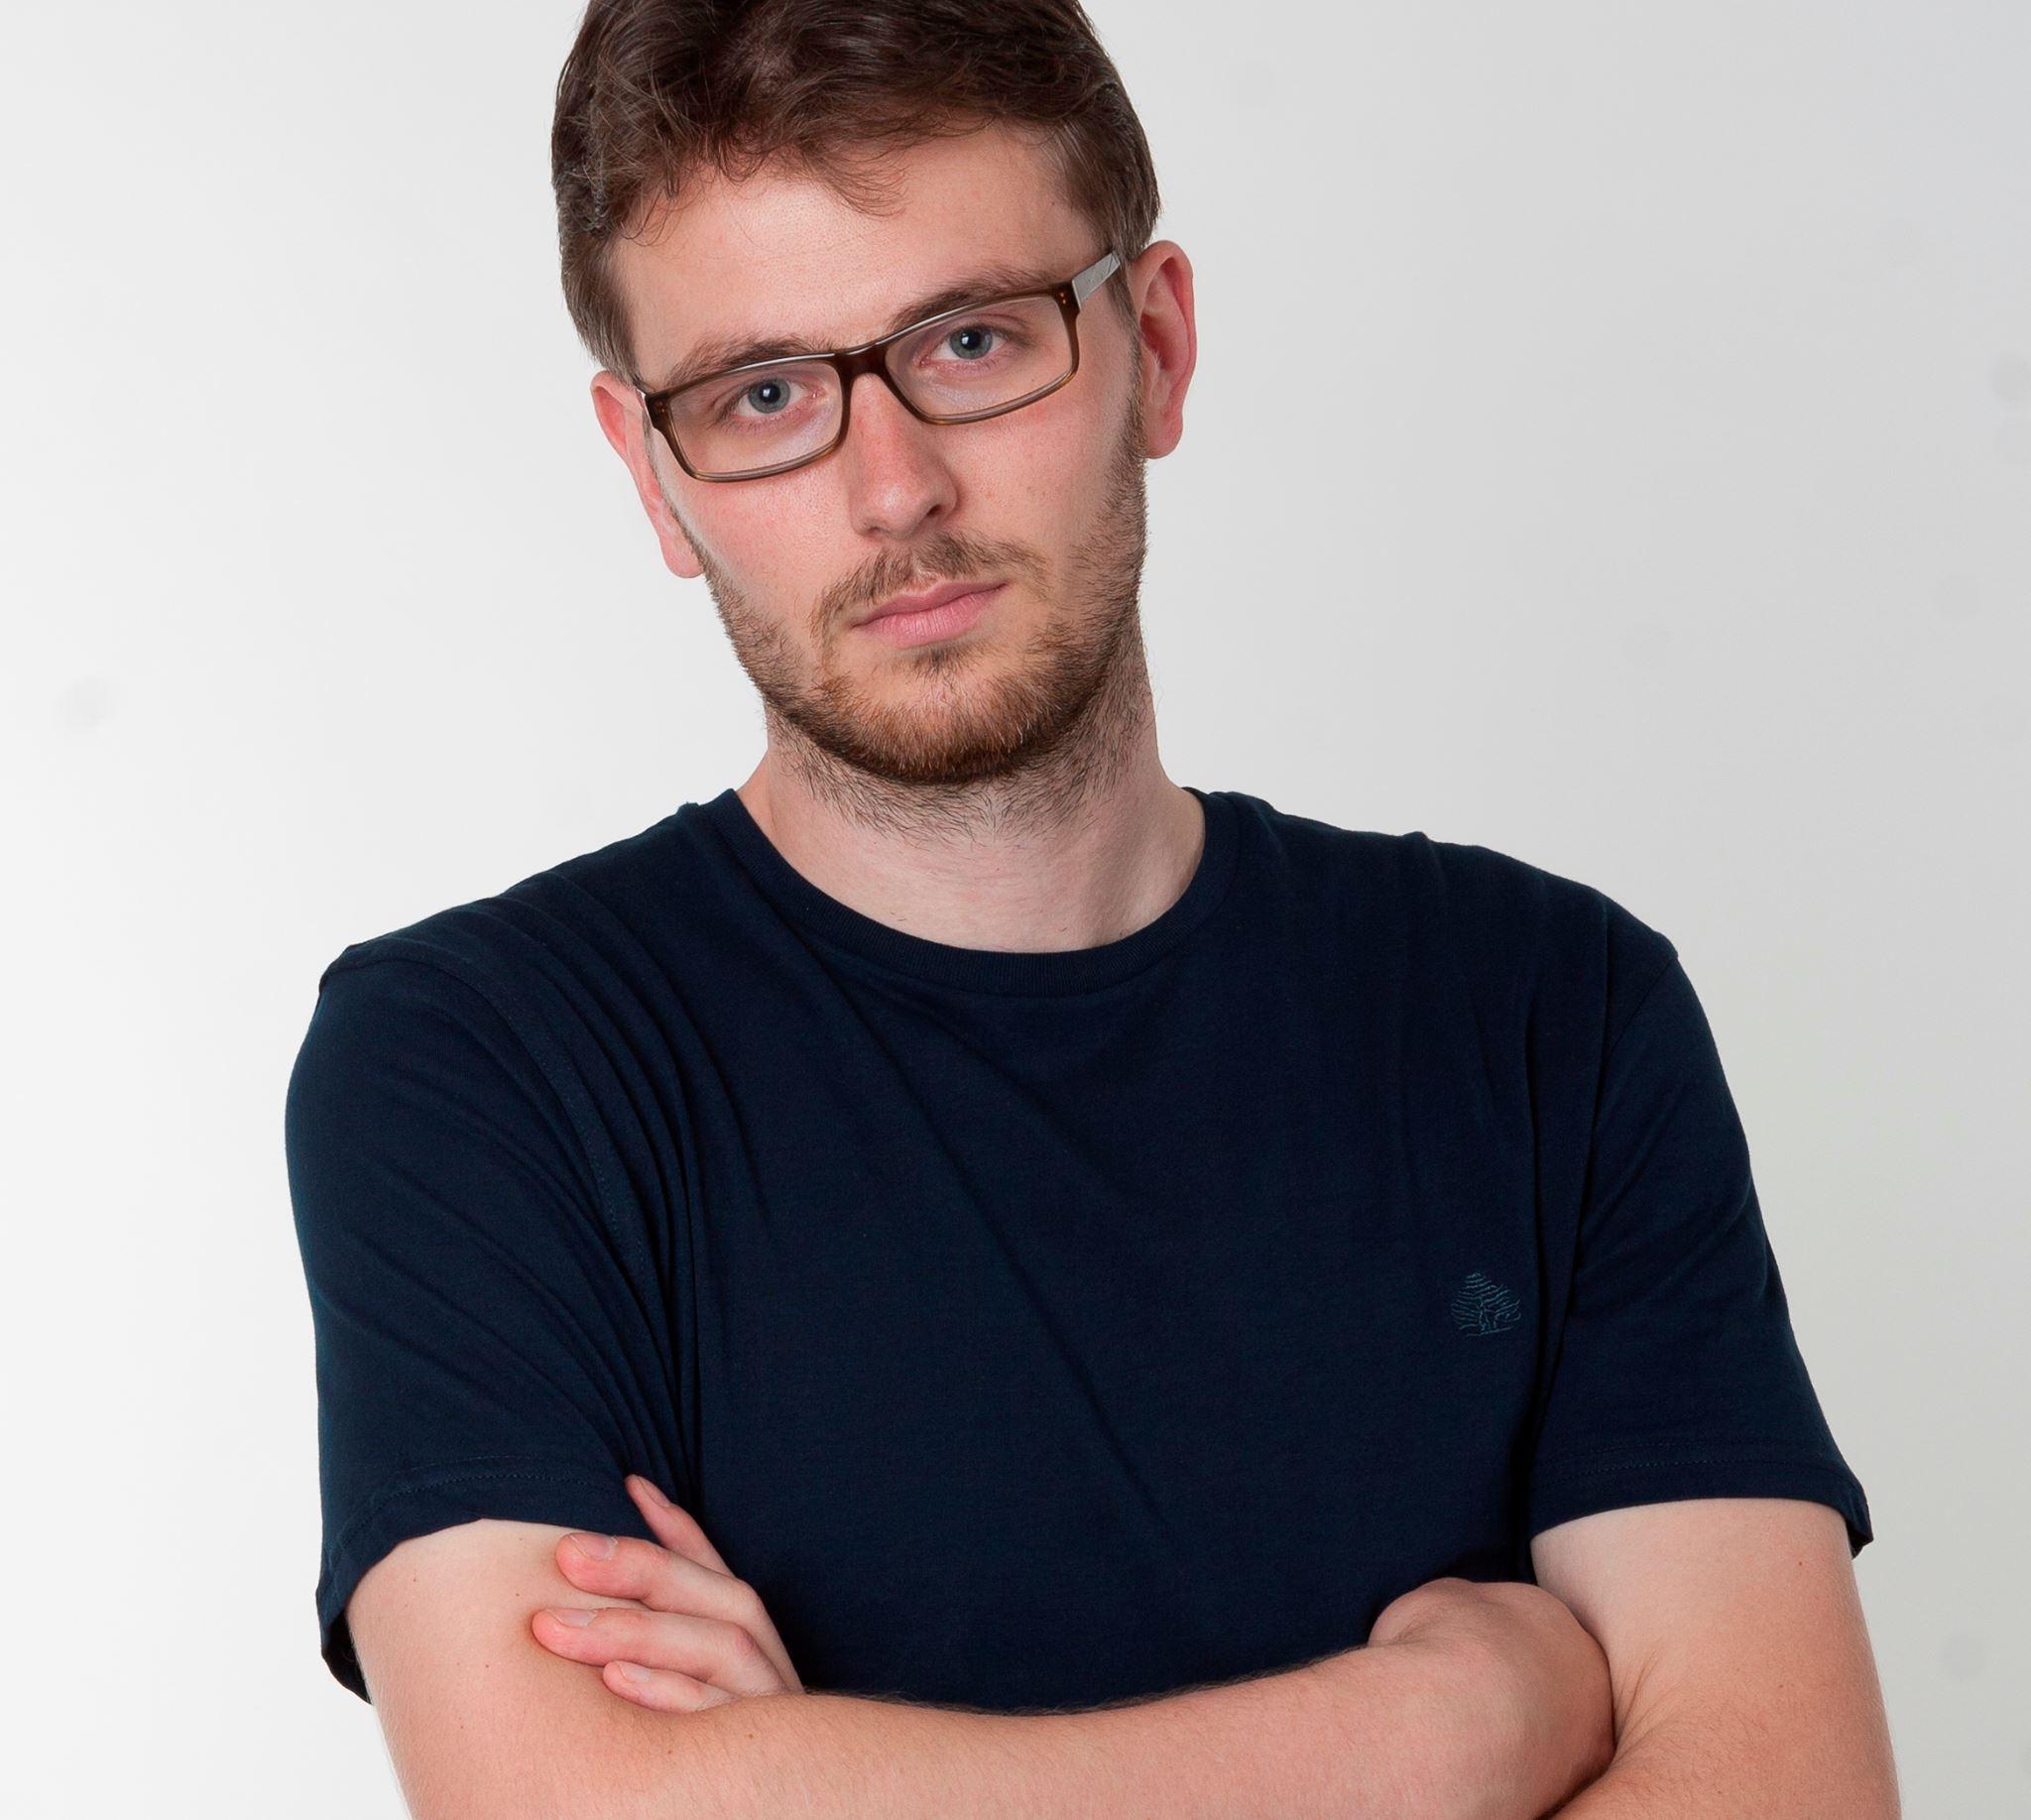 Petar Protic